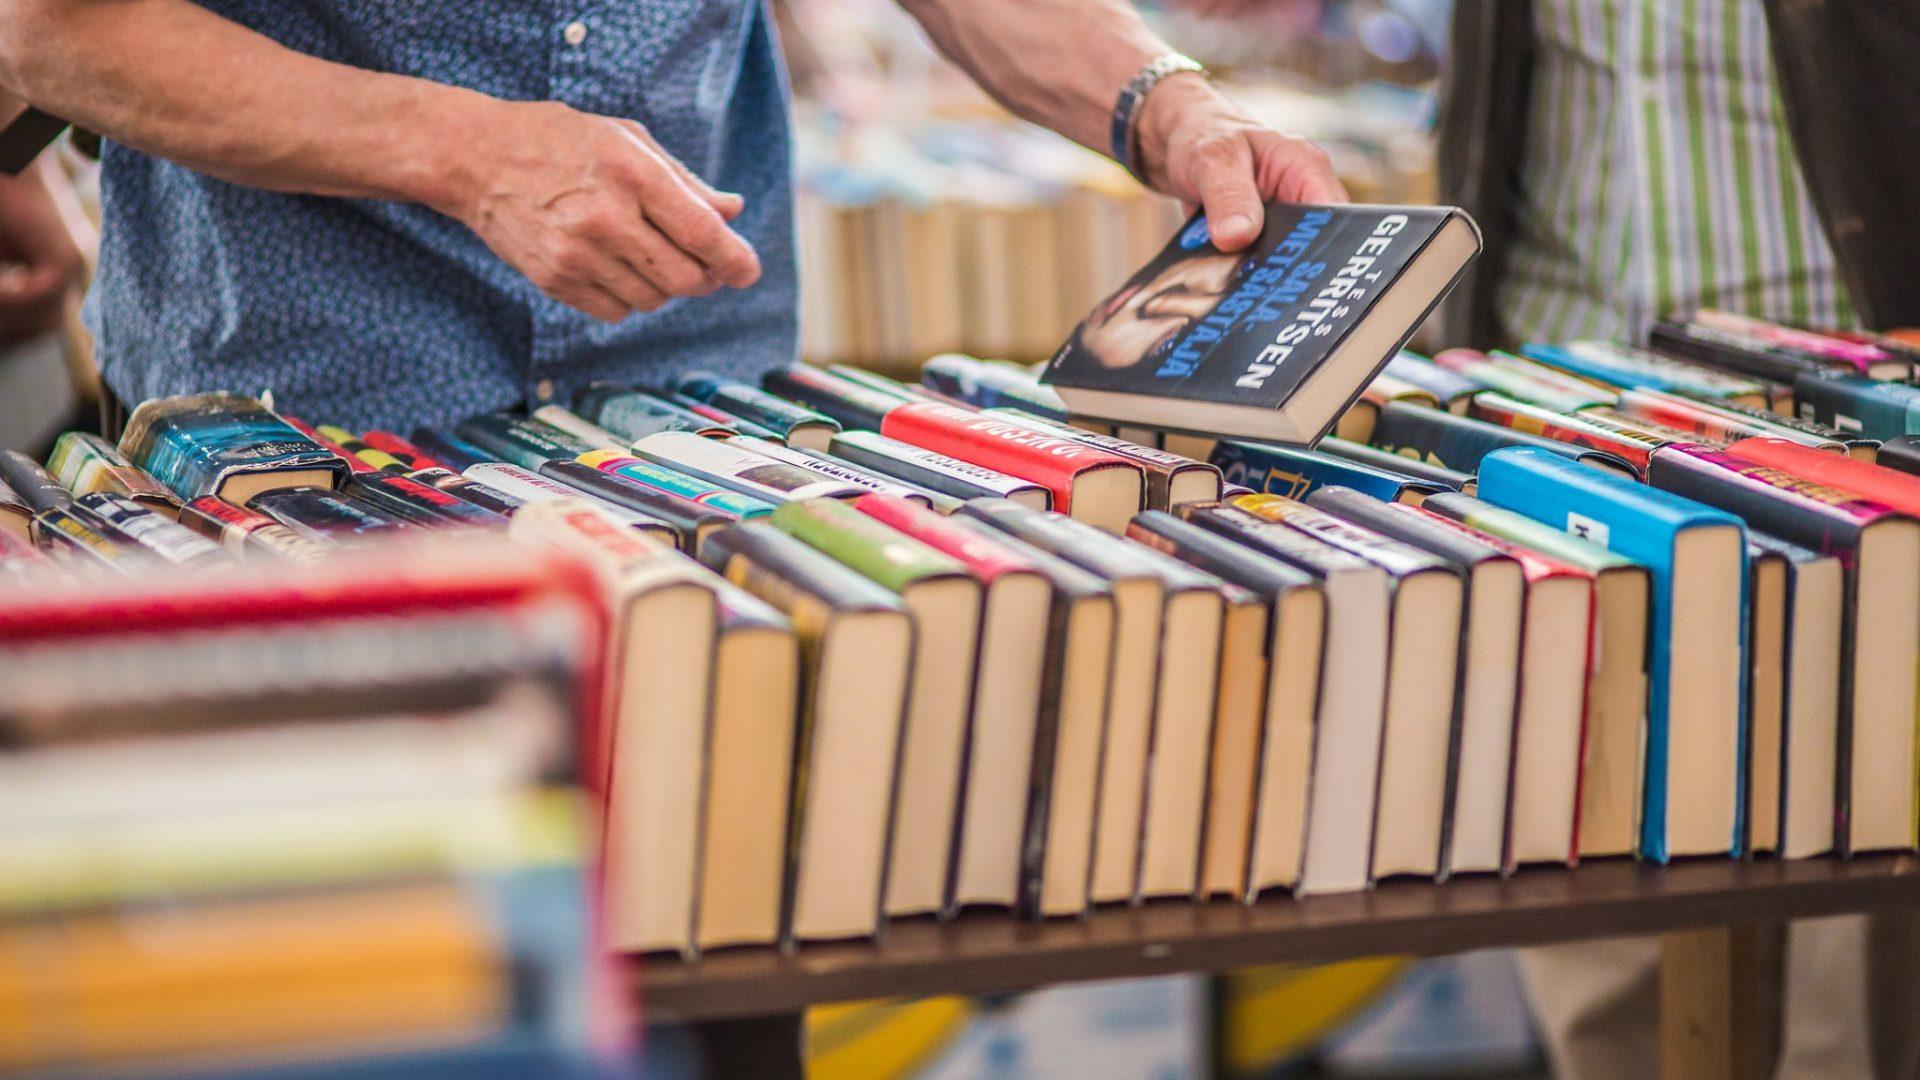 Kuvassa käsipari ja kirjoja rivissä.